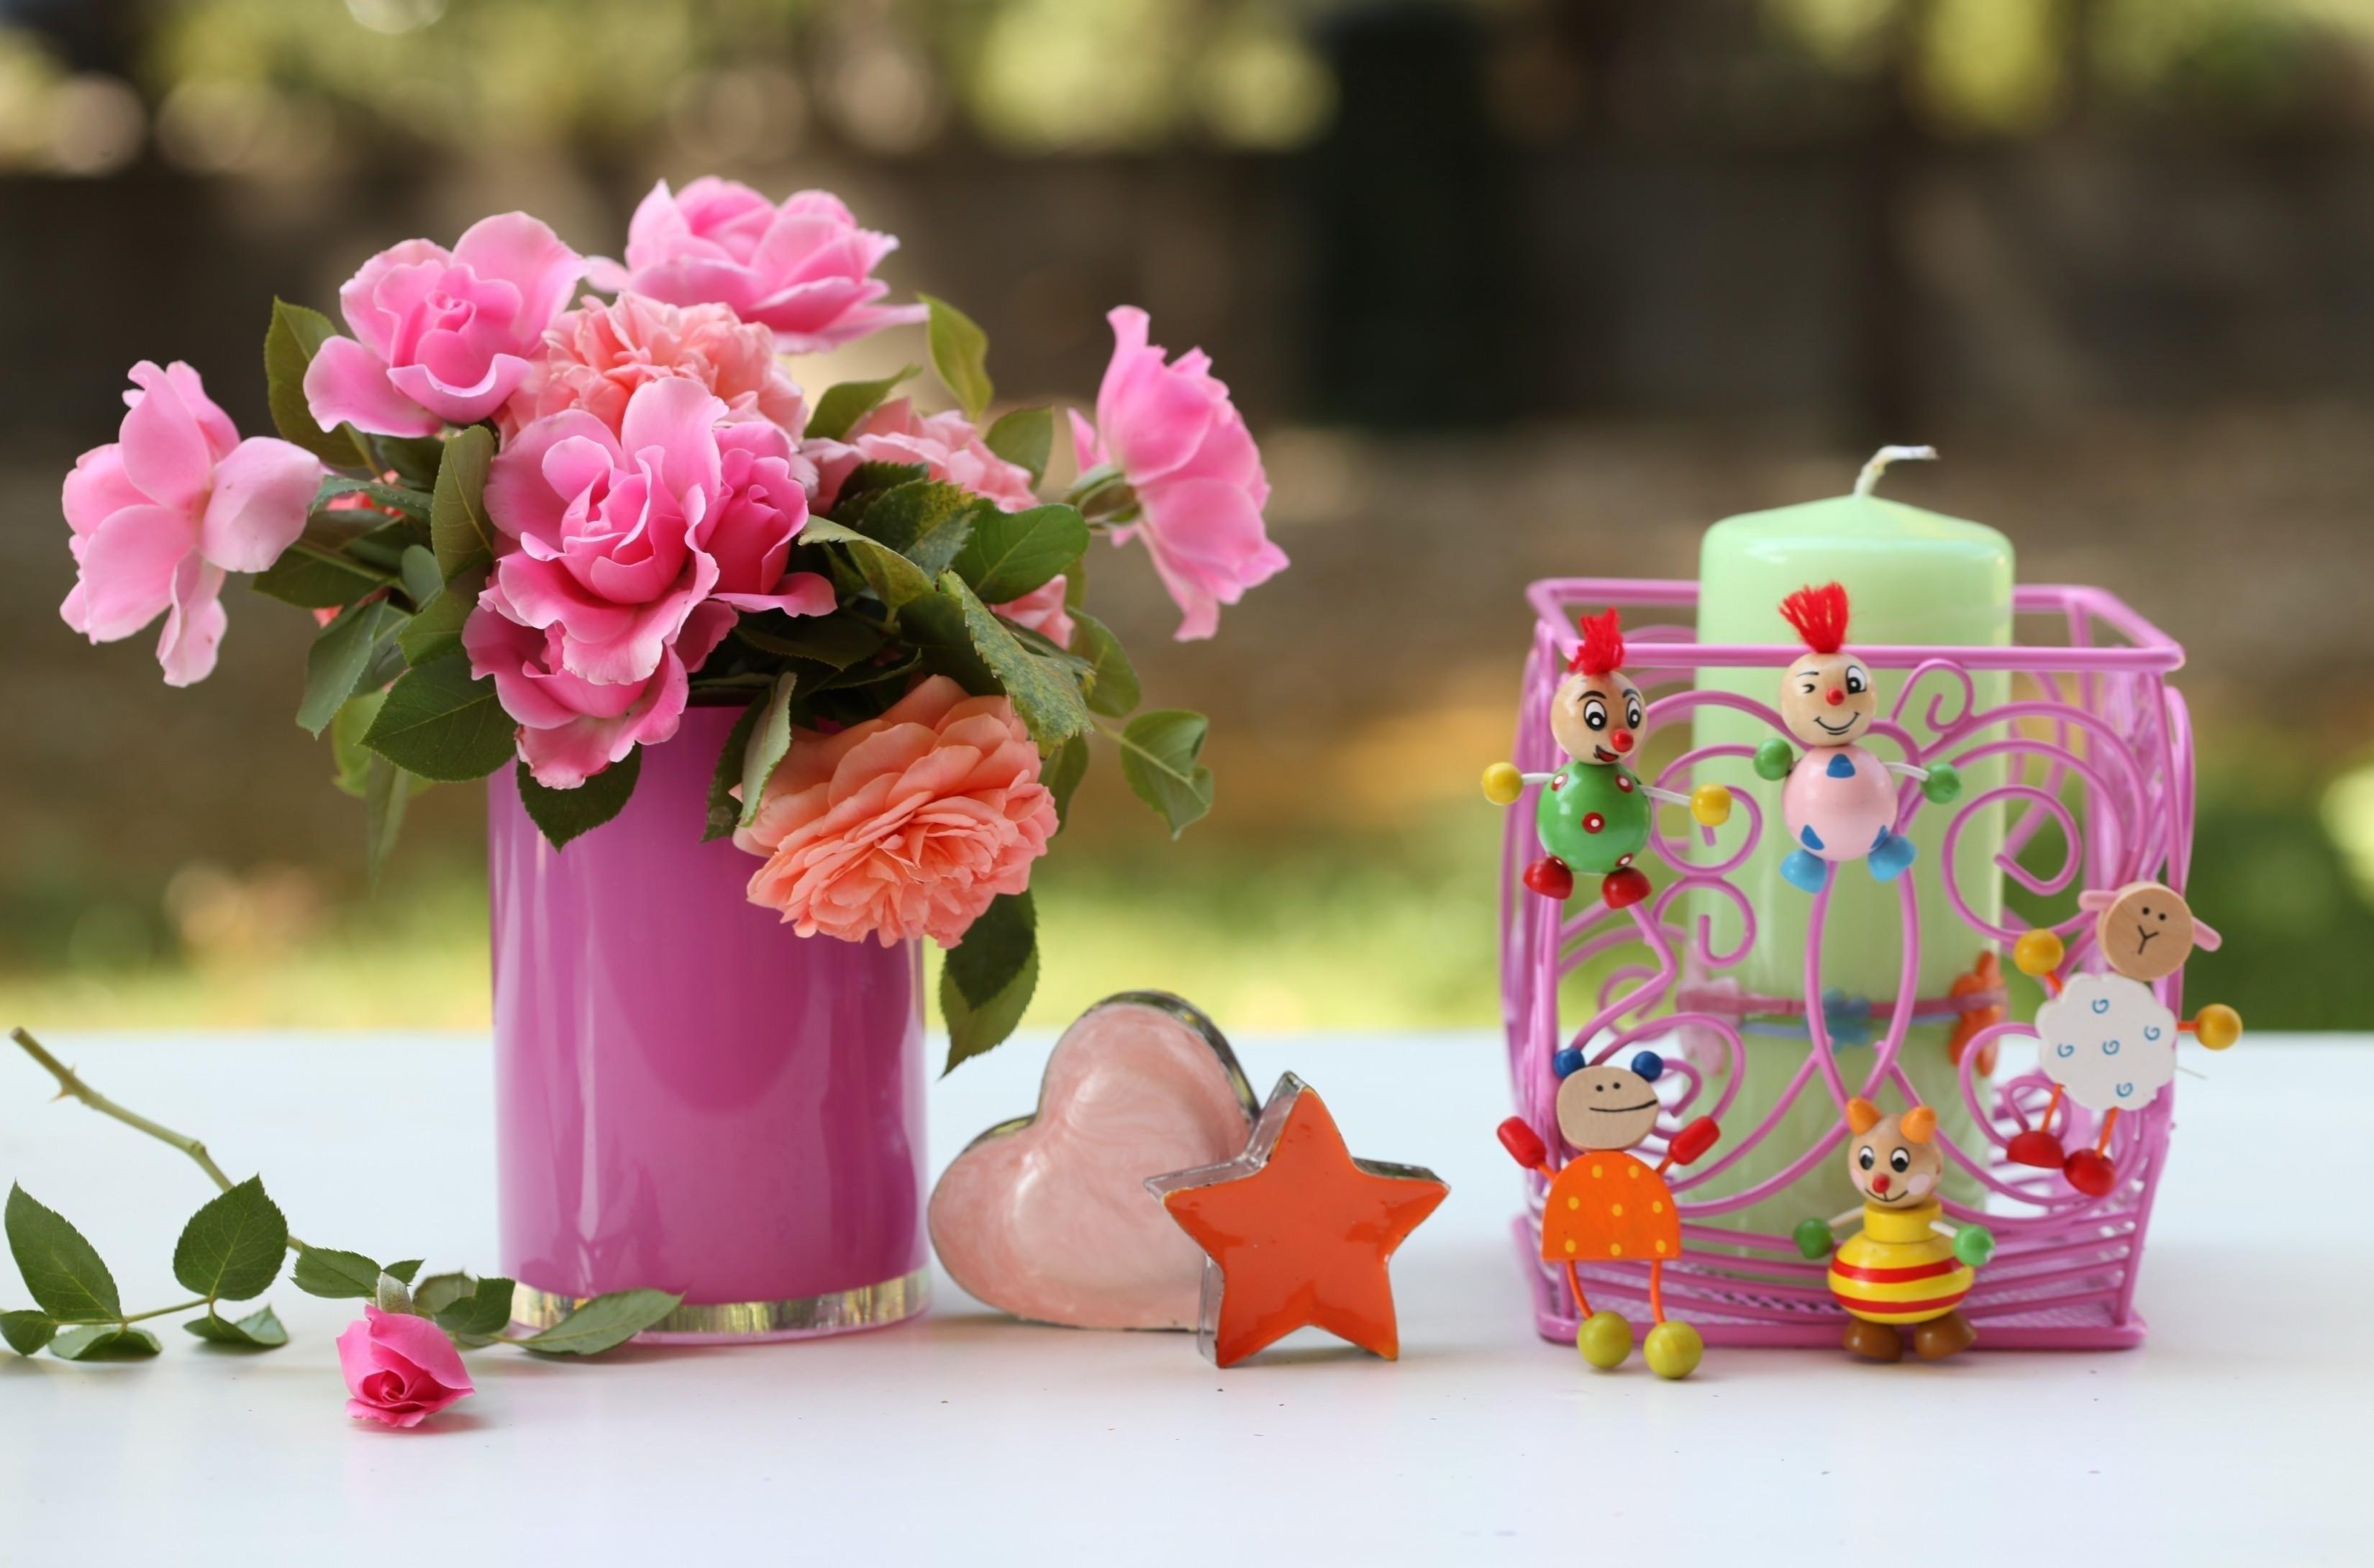 102251 Hintergrundbild herunterladen Blumen, Spielzeug, Vase, Kerze, Leuchter, Kerzenhalter - Bildschirmschoner und Bilder kostenlos